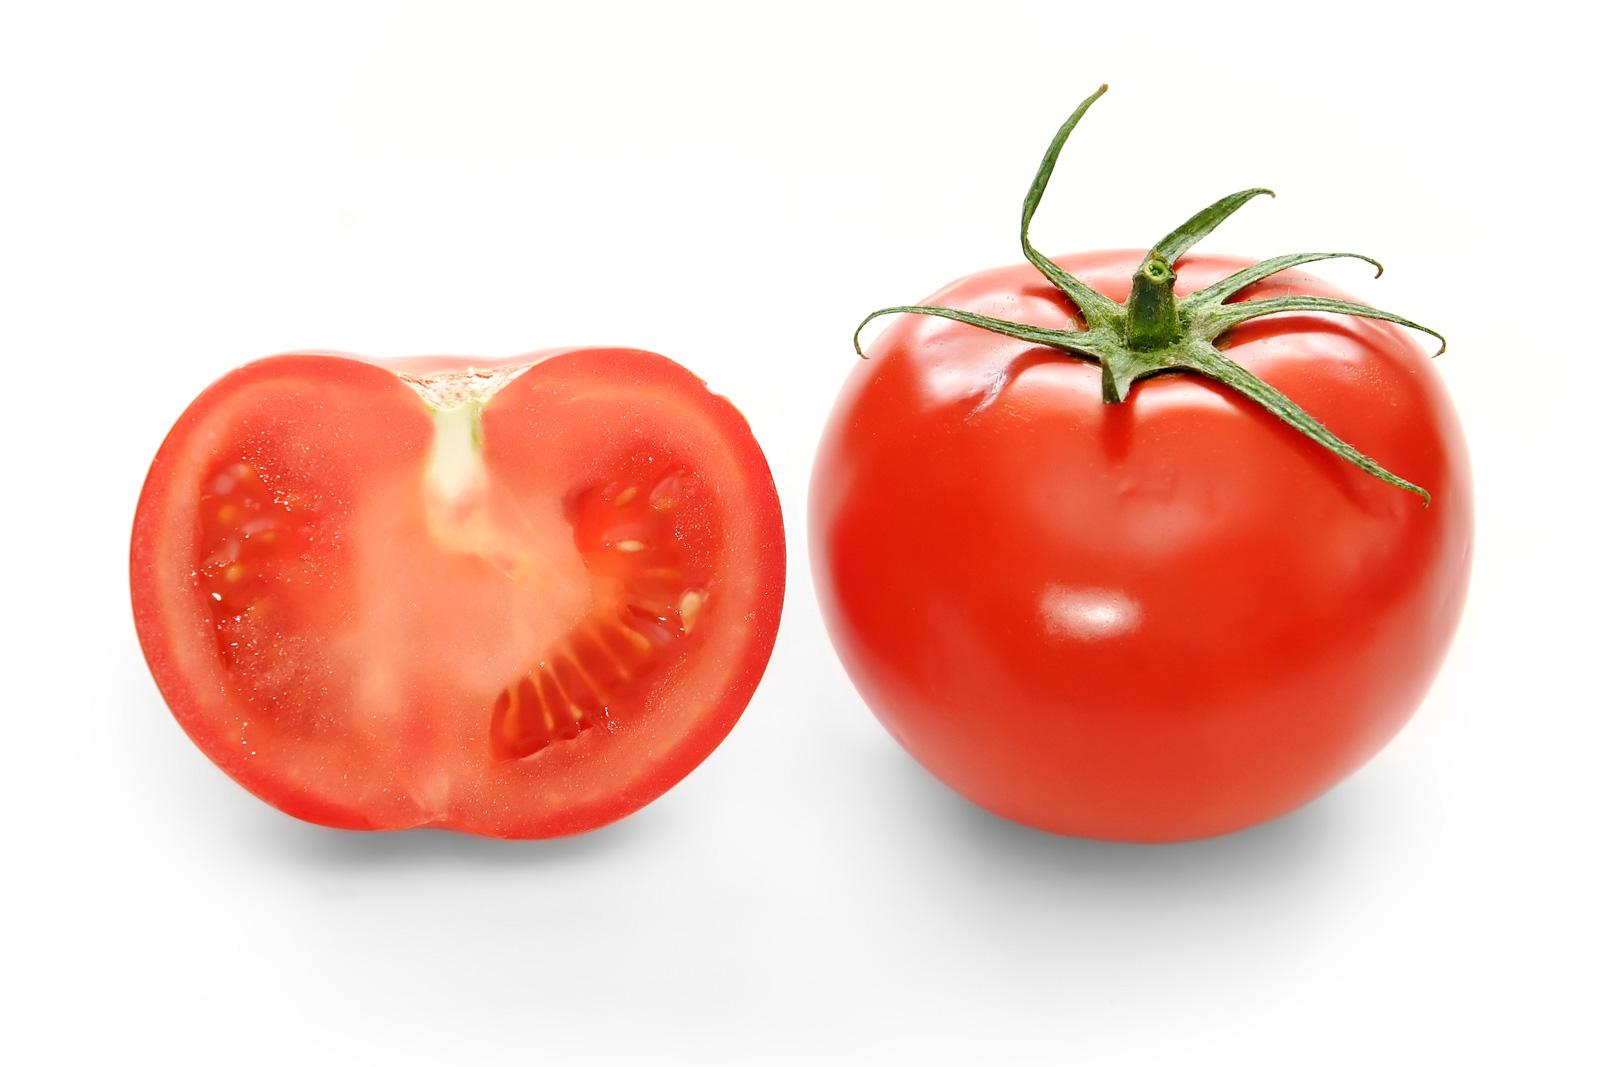 چگونه پوست خود را با استفاده از رژيم هاى غذايى سالم و شاداب نگه داريم؟